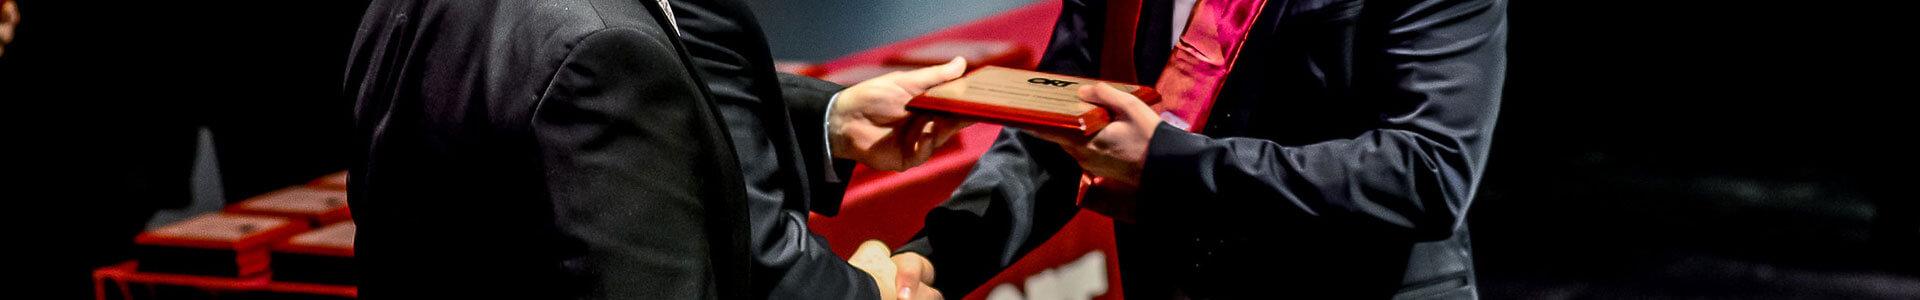 Graduados de la Facultad de Ingeniería - Universidad ORT Uruguay